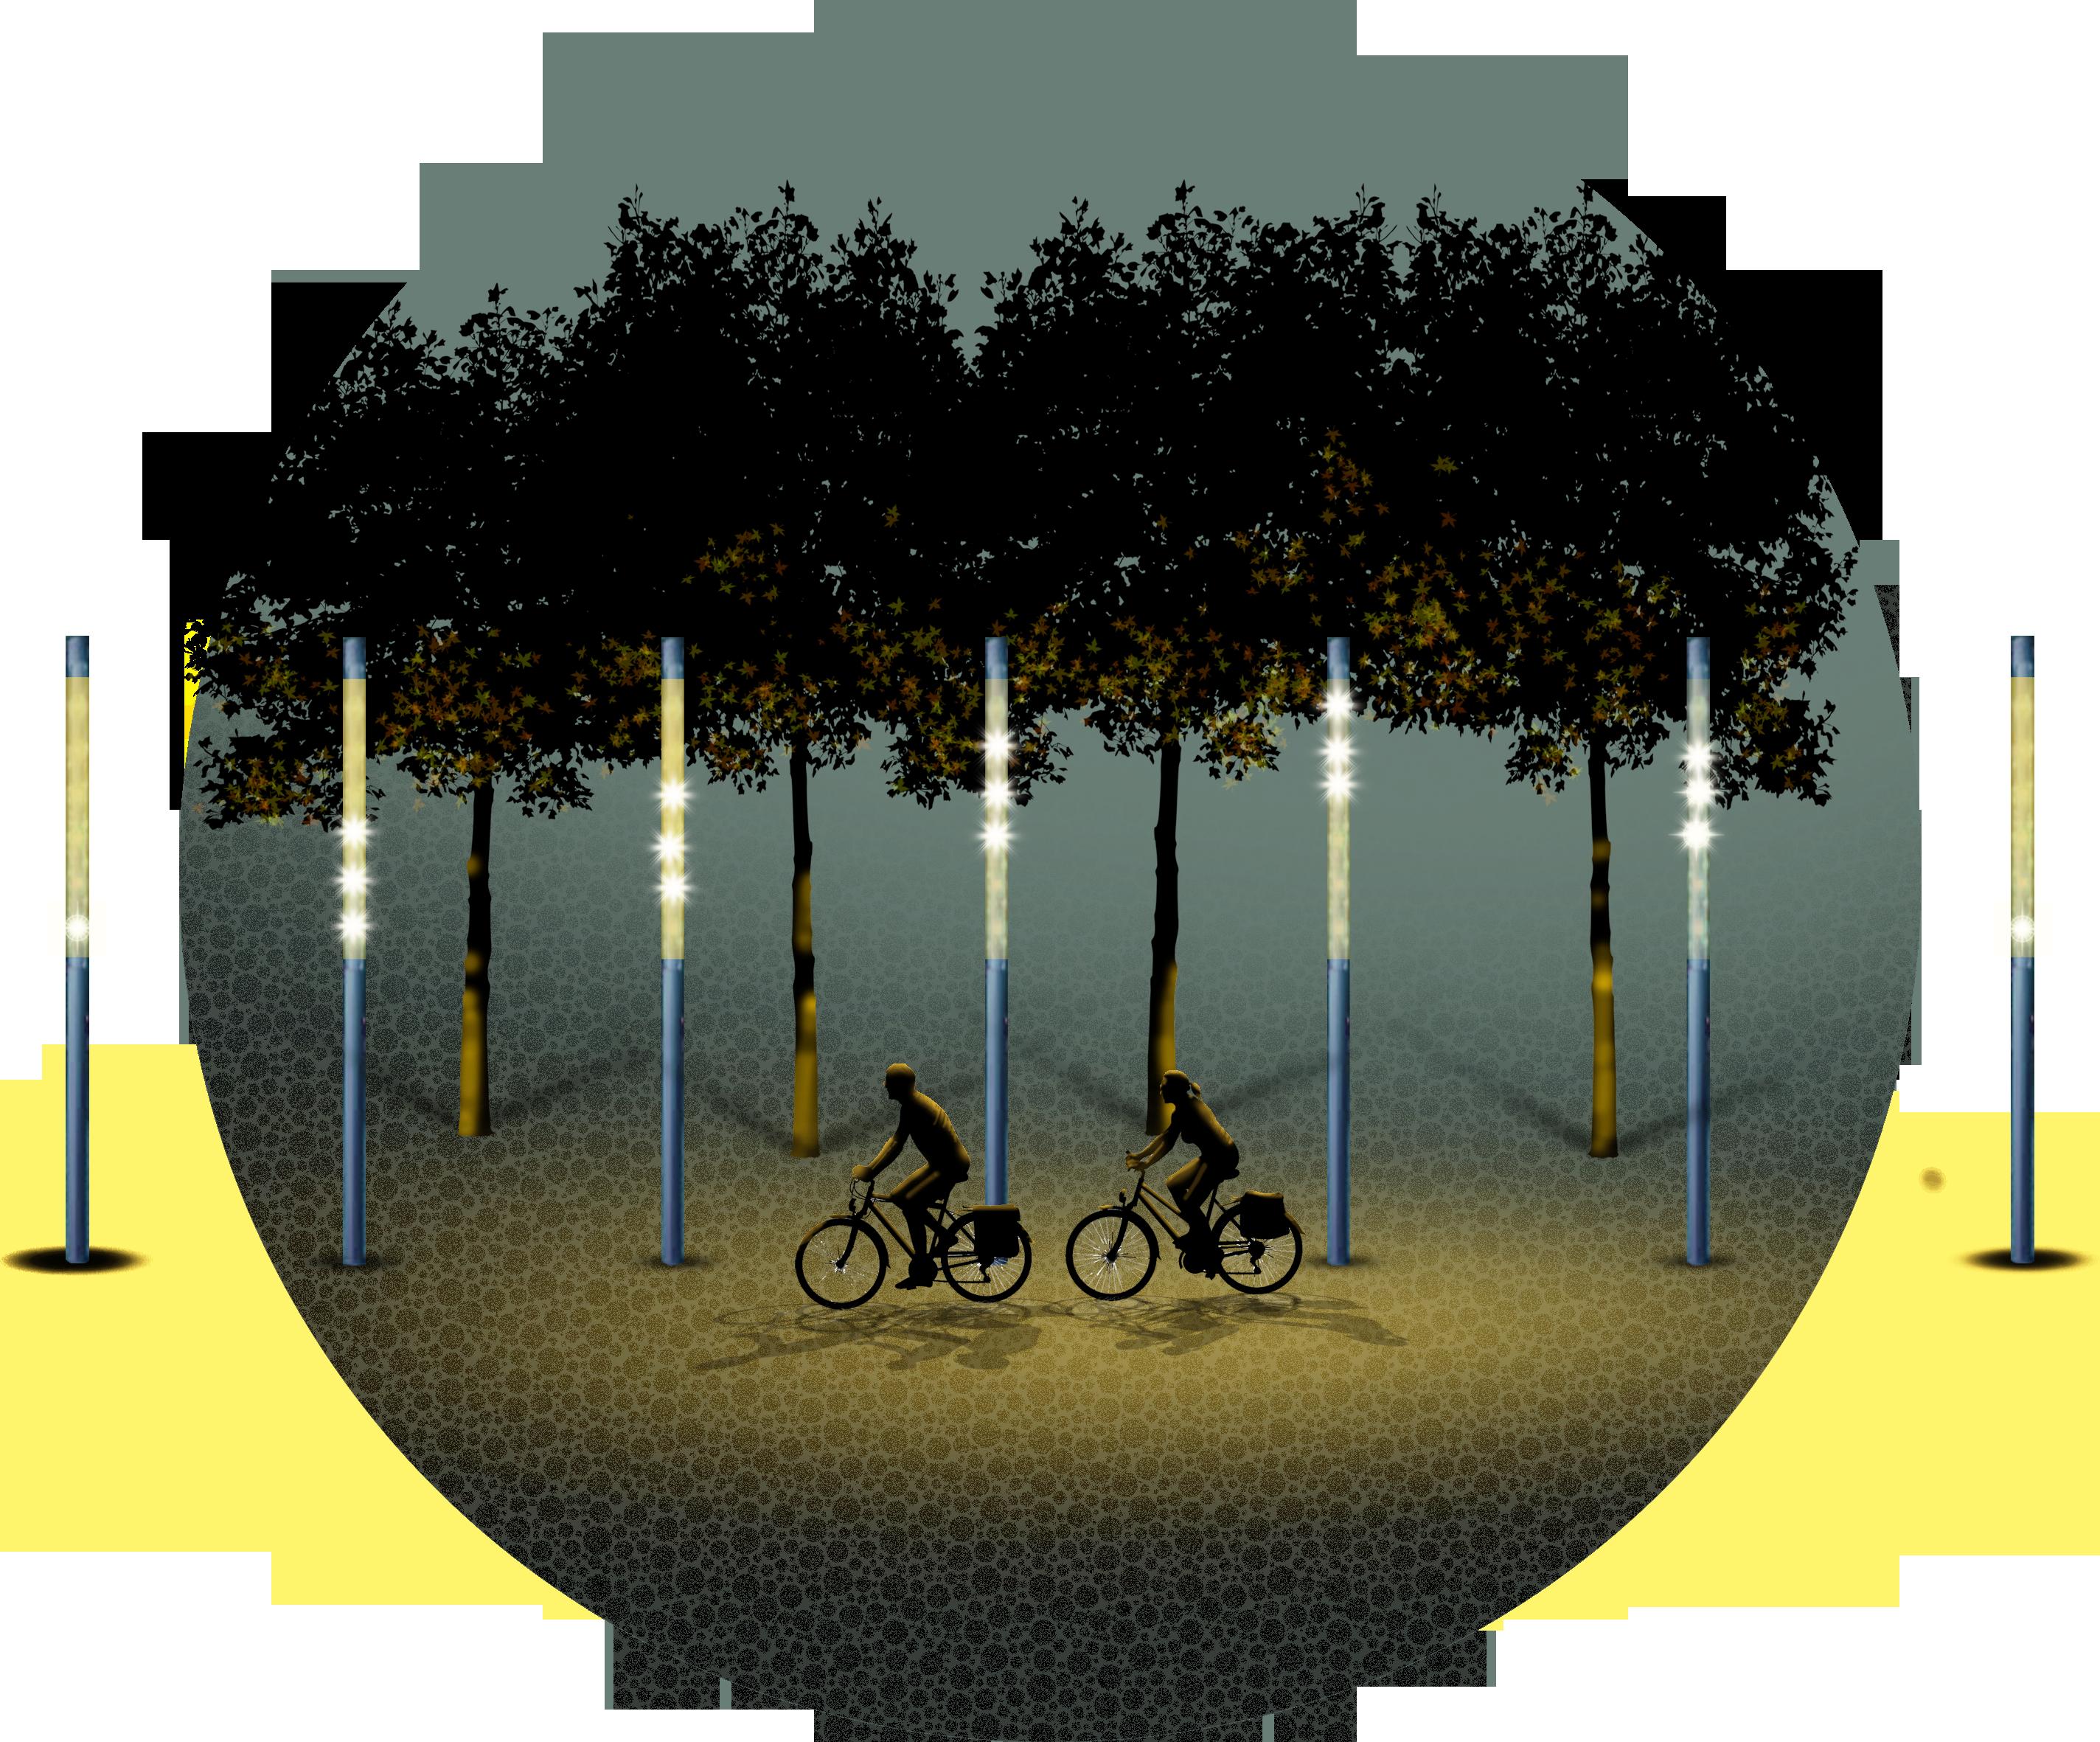 Shanghai, Huang Pu River. Studi per l'illuminazione sul percorso ciclopedonale (courtesy: Giovanni Palacino, Agence CONCEPTO)